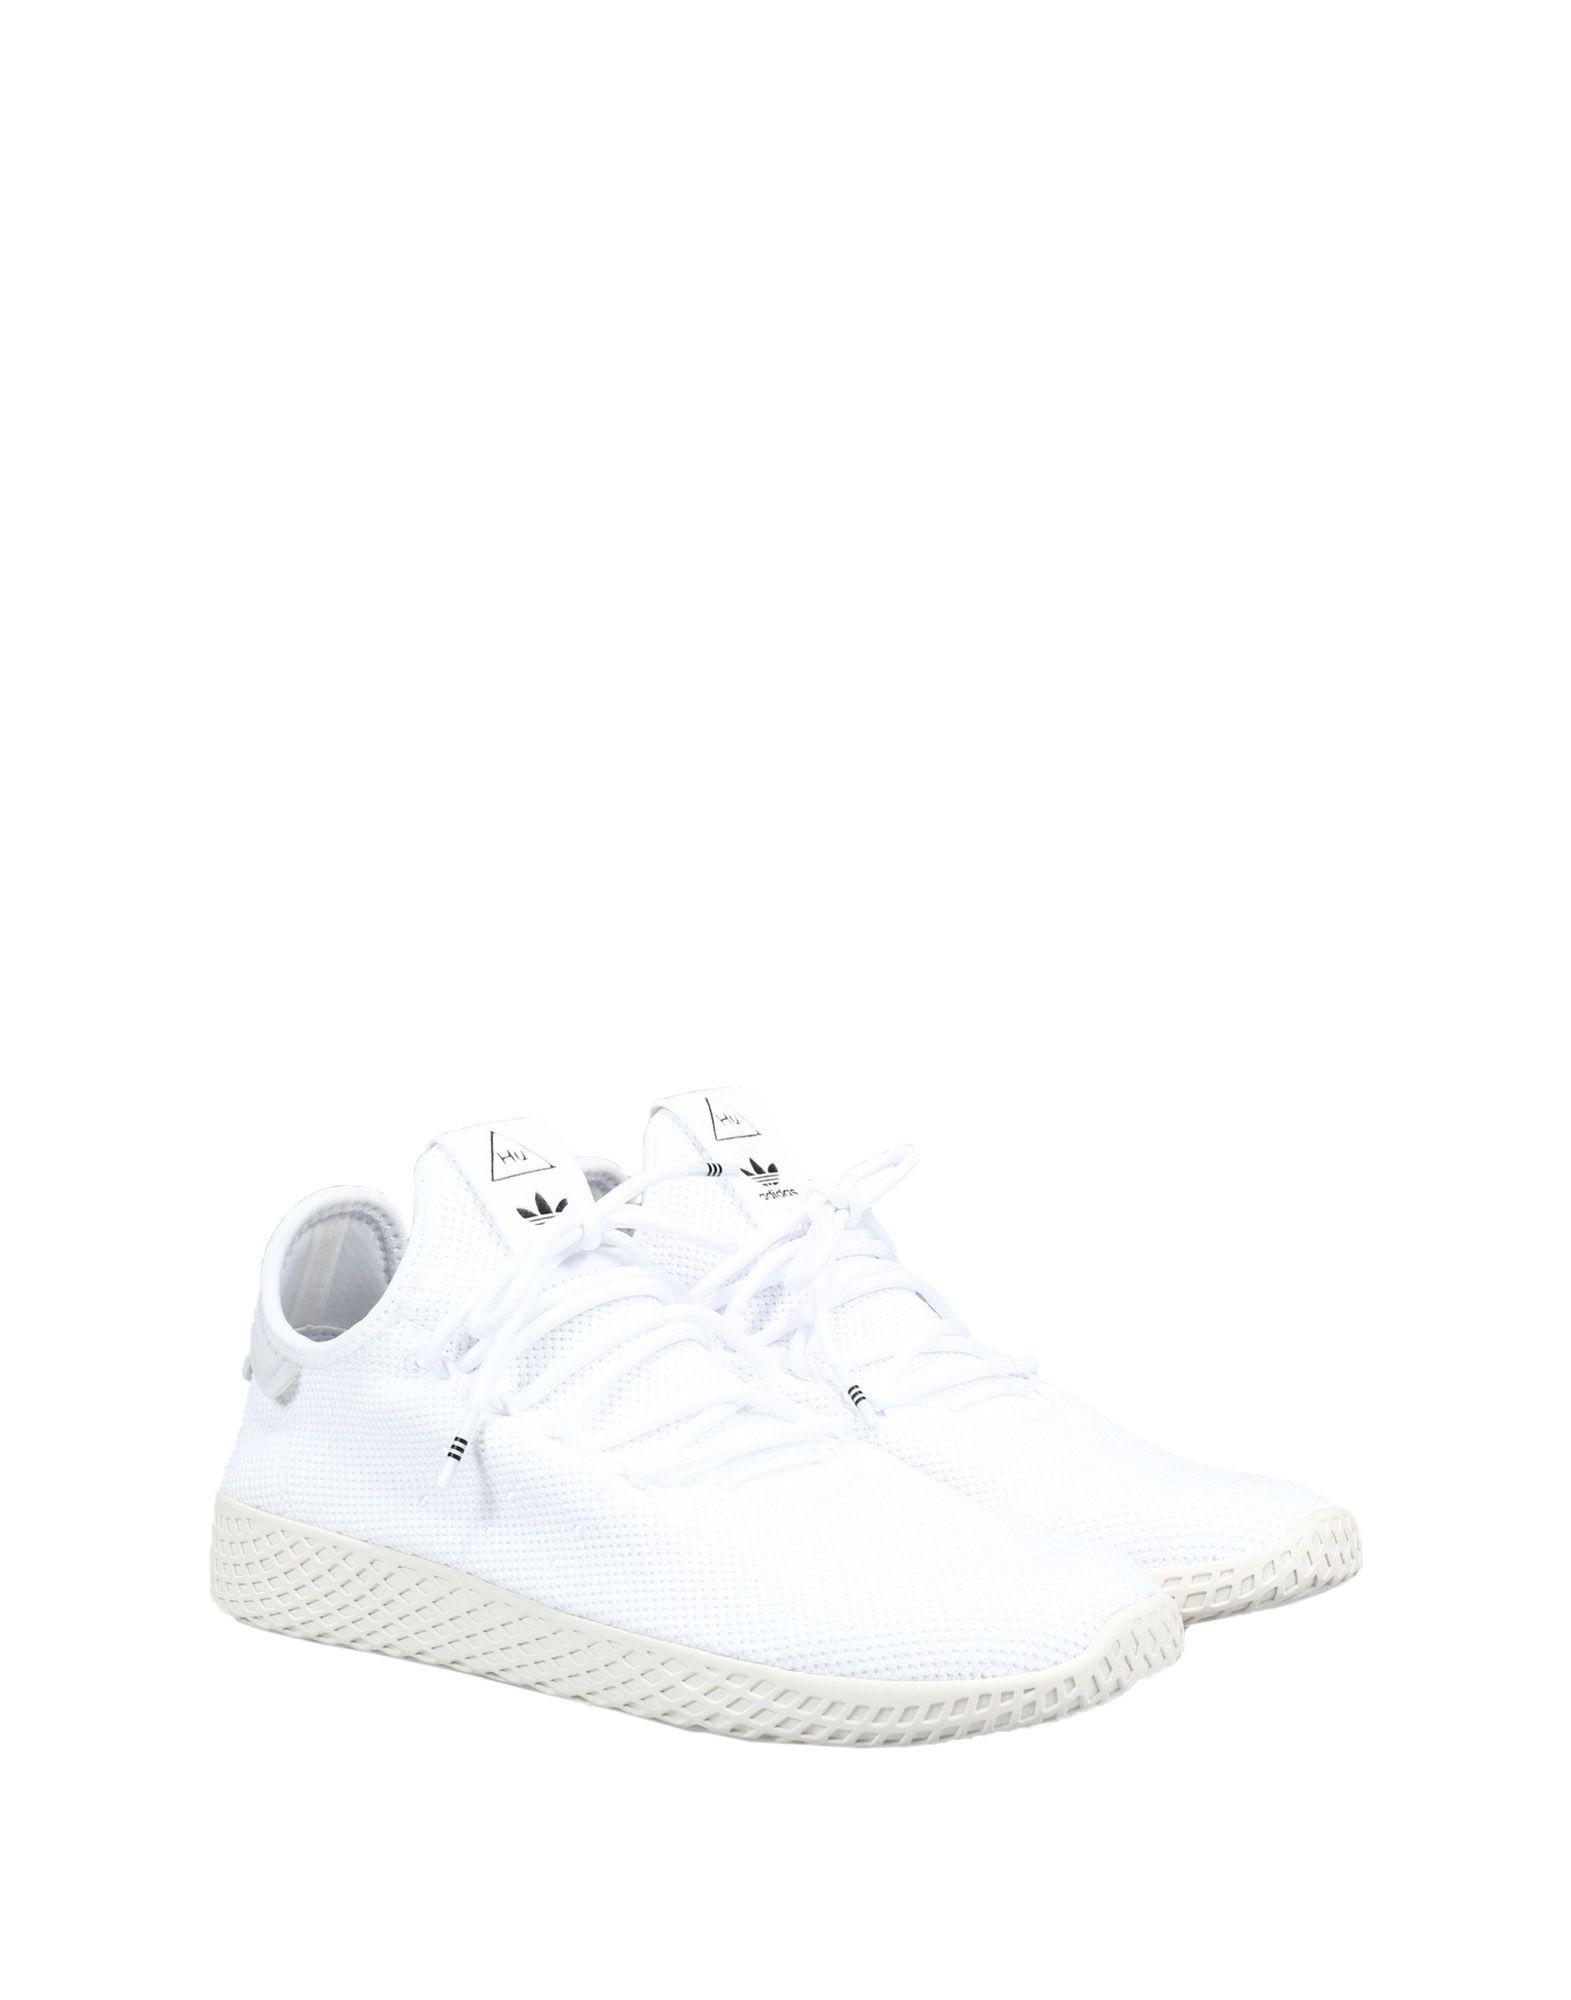 Adidas Originals By Pharrell Williams Pw Tennis Hu beliebte  11533552SR Gute Qualität beliebte Hu Schuhe 14a636